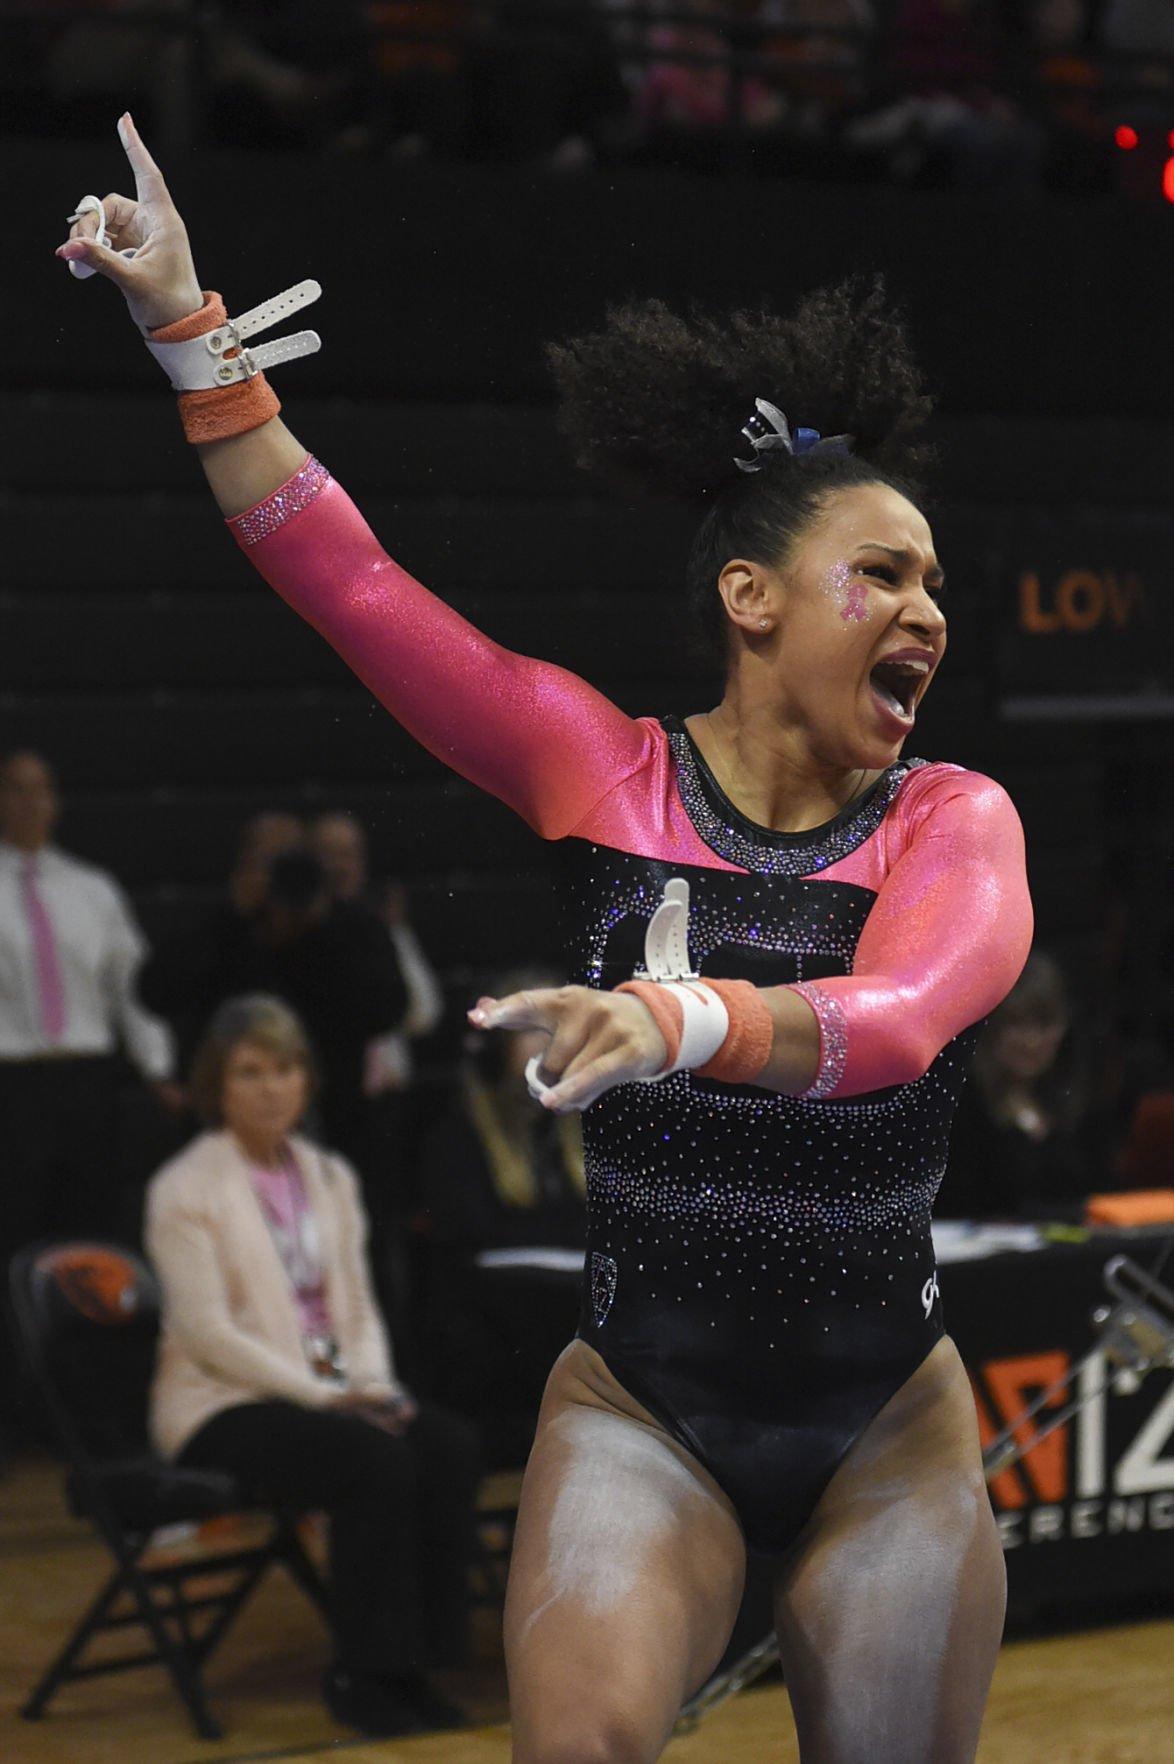 OSU gymnastics: Beavers ready for NCAA regional | Gymnastics